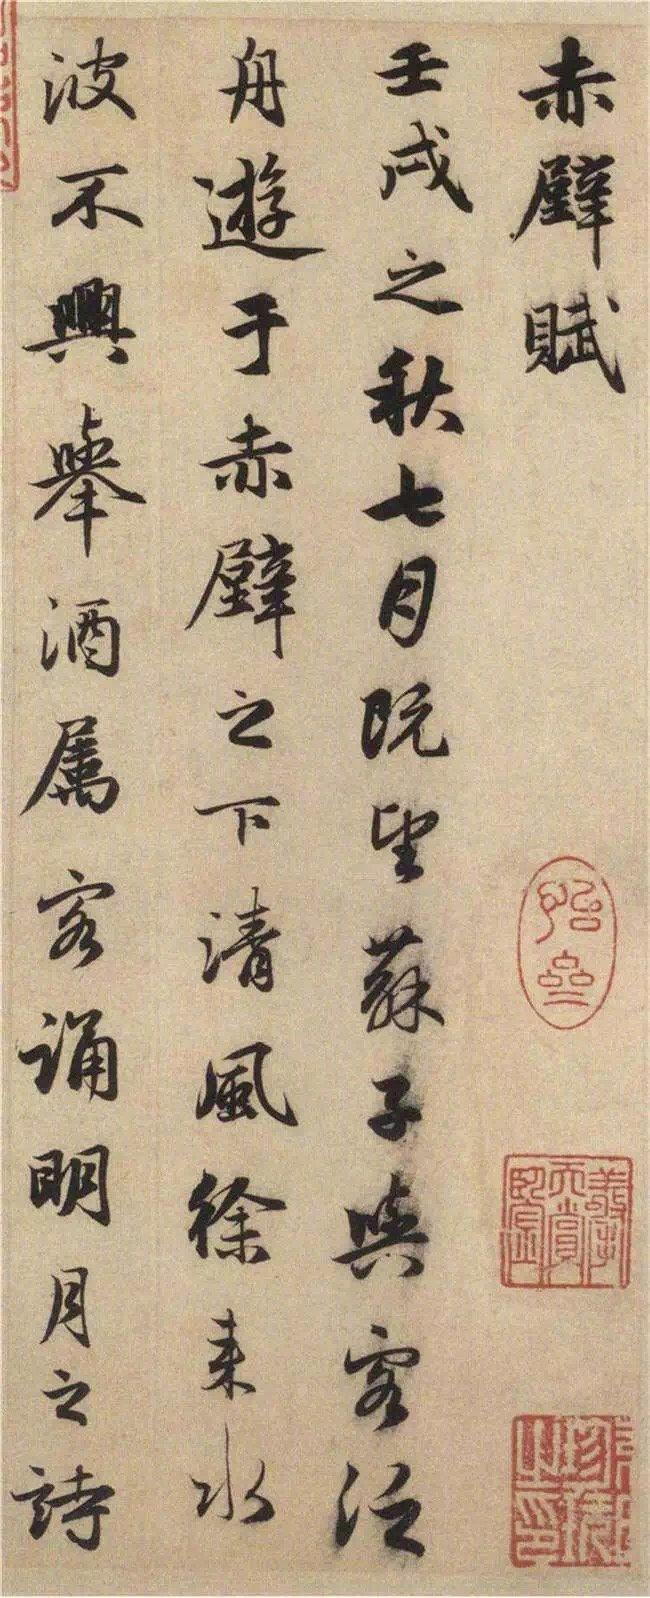 赵孟頫《前后赤壁赋》,行楷奇珍